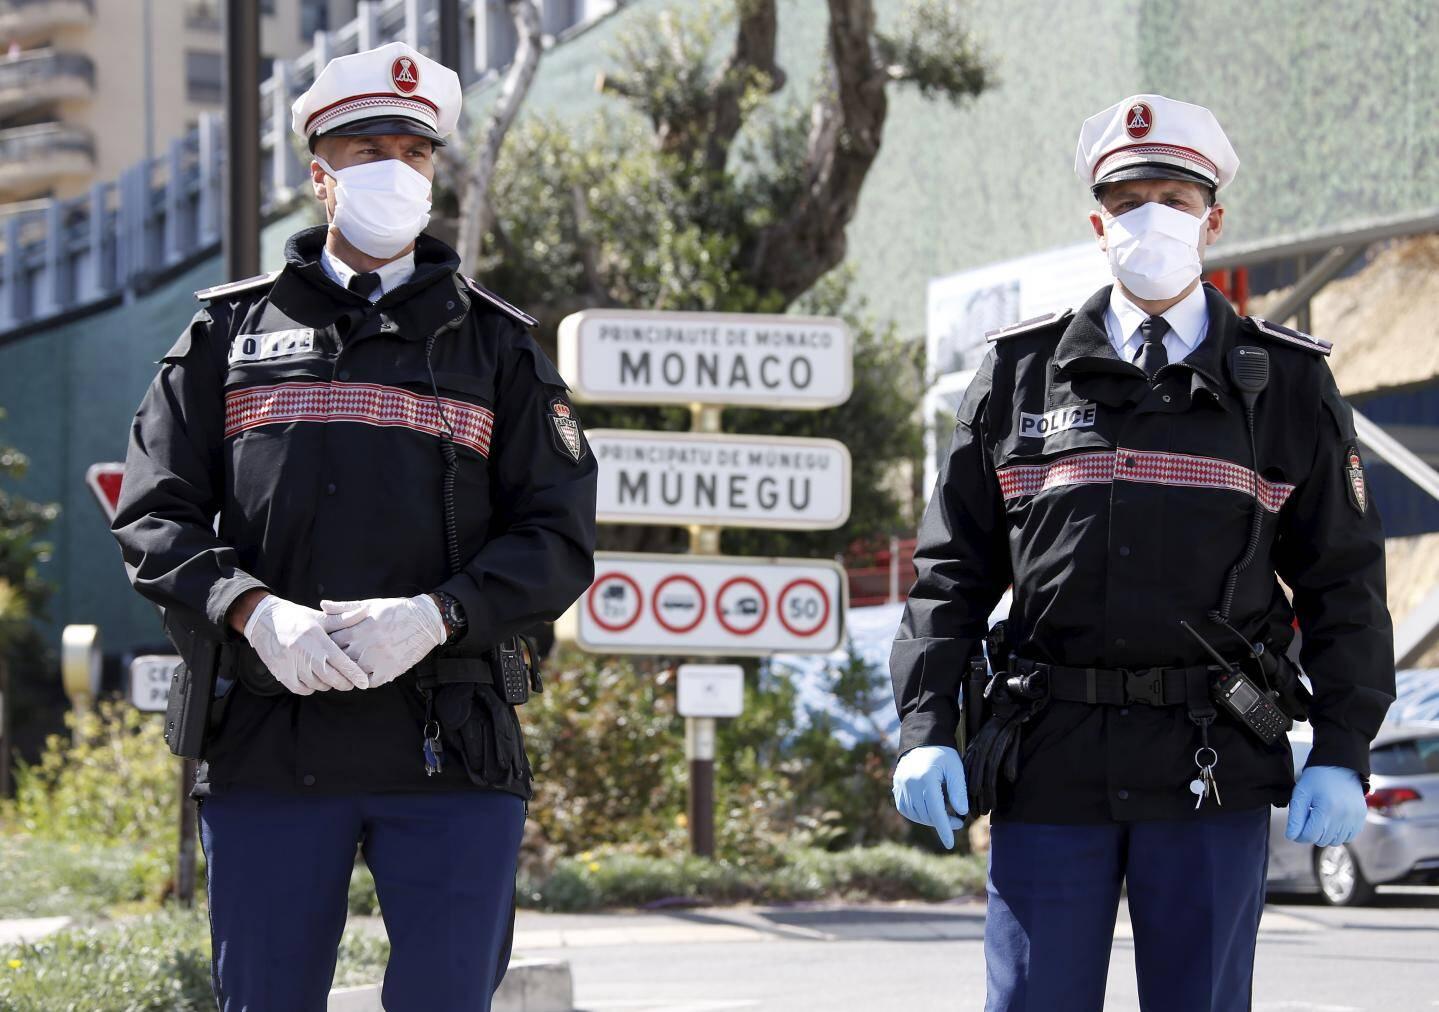 Jeudi 9 avril 2020 à Monaco - Port de protections, masques et gants, pendant les contrôles de confinement par la Sûreté publique monégasque pour lutter contre la pandémie de coronavirus -